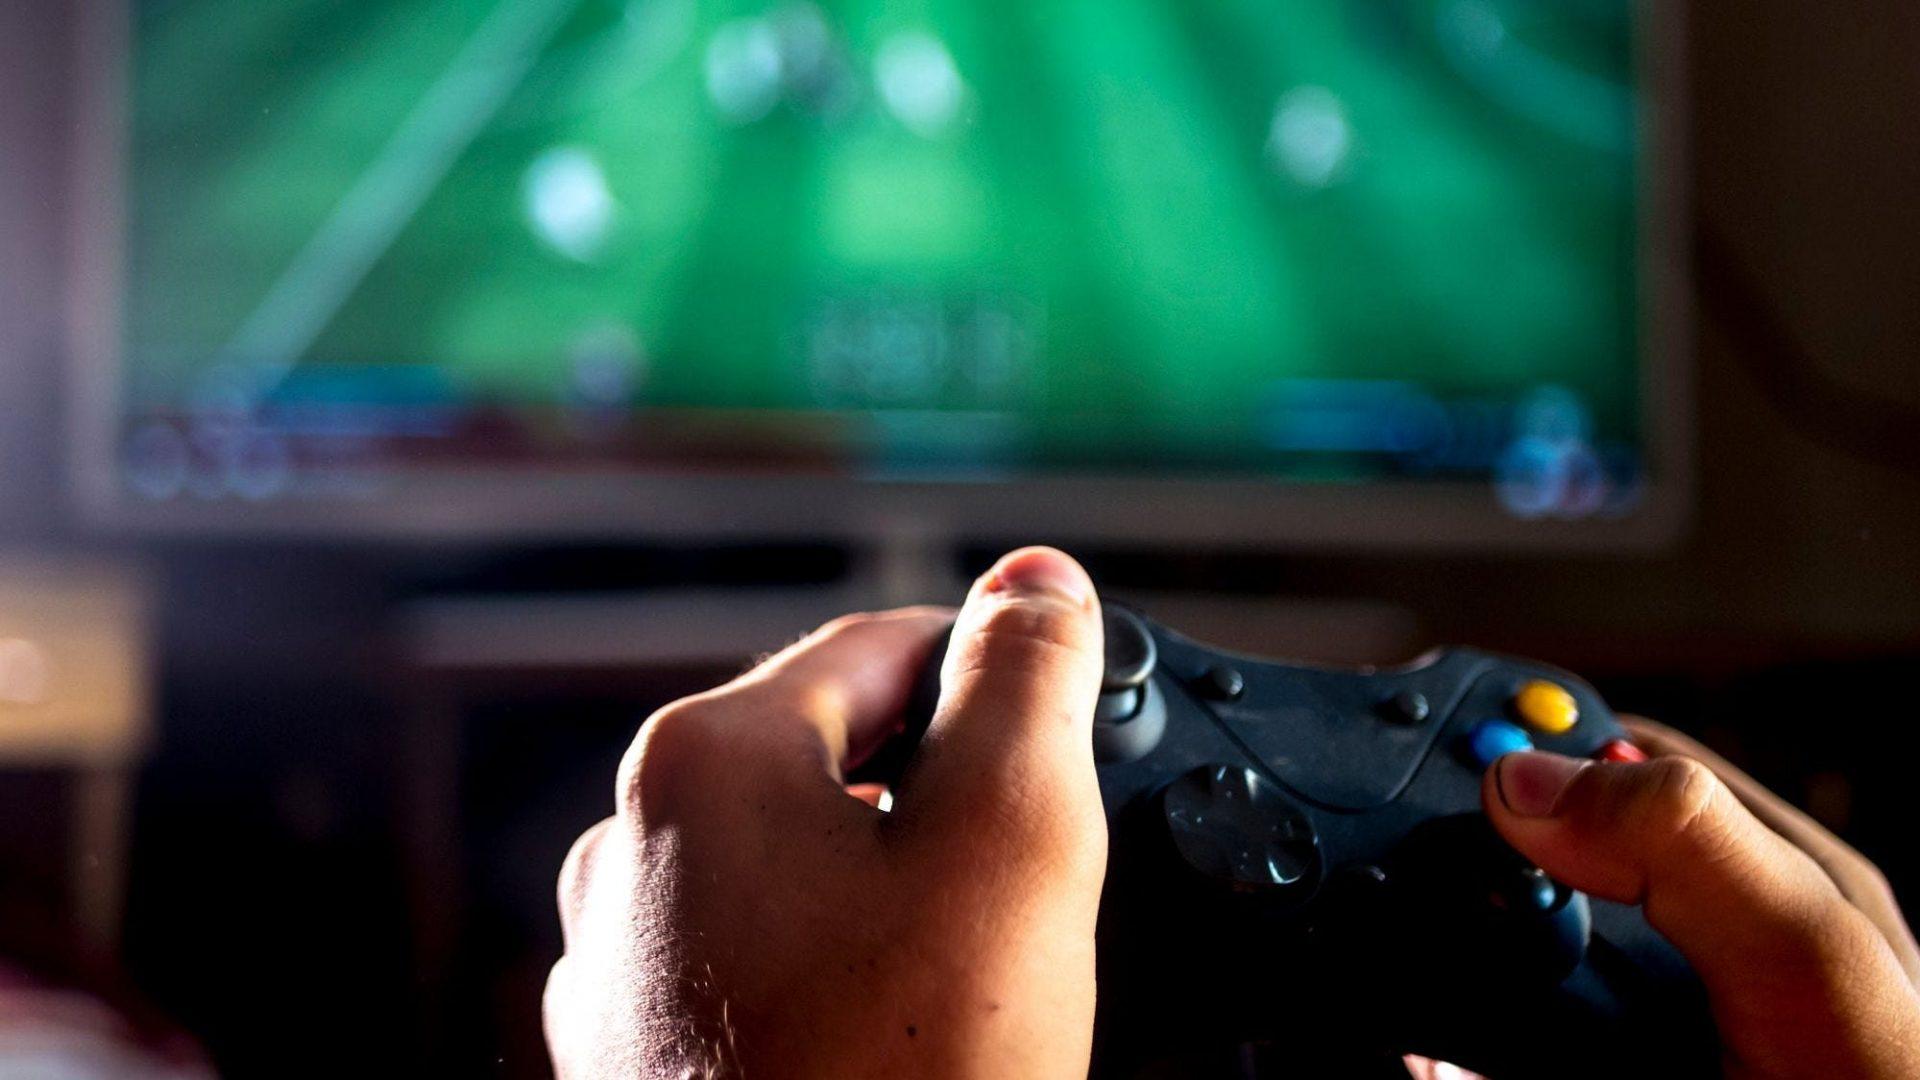 Editiadedimineata: Jocurile video ne pot îmbunătăți sănătatea mintală. Ce s-a descoperit?